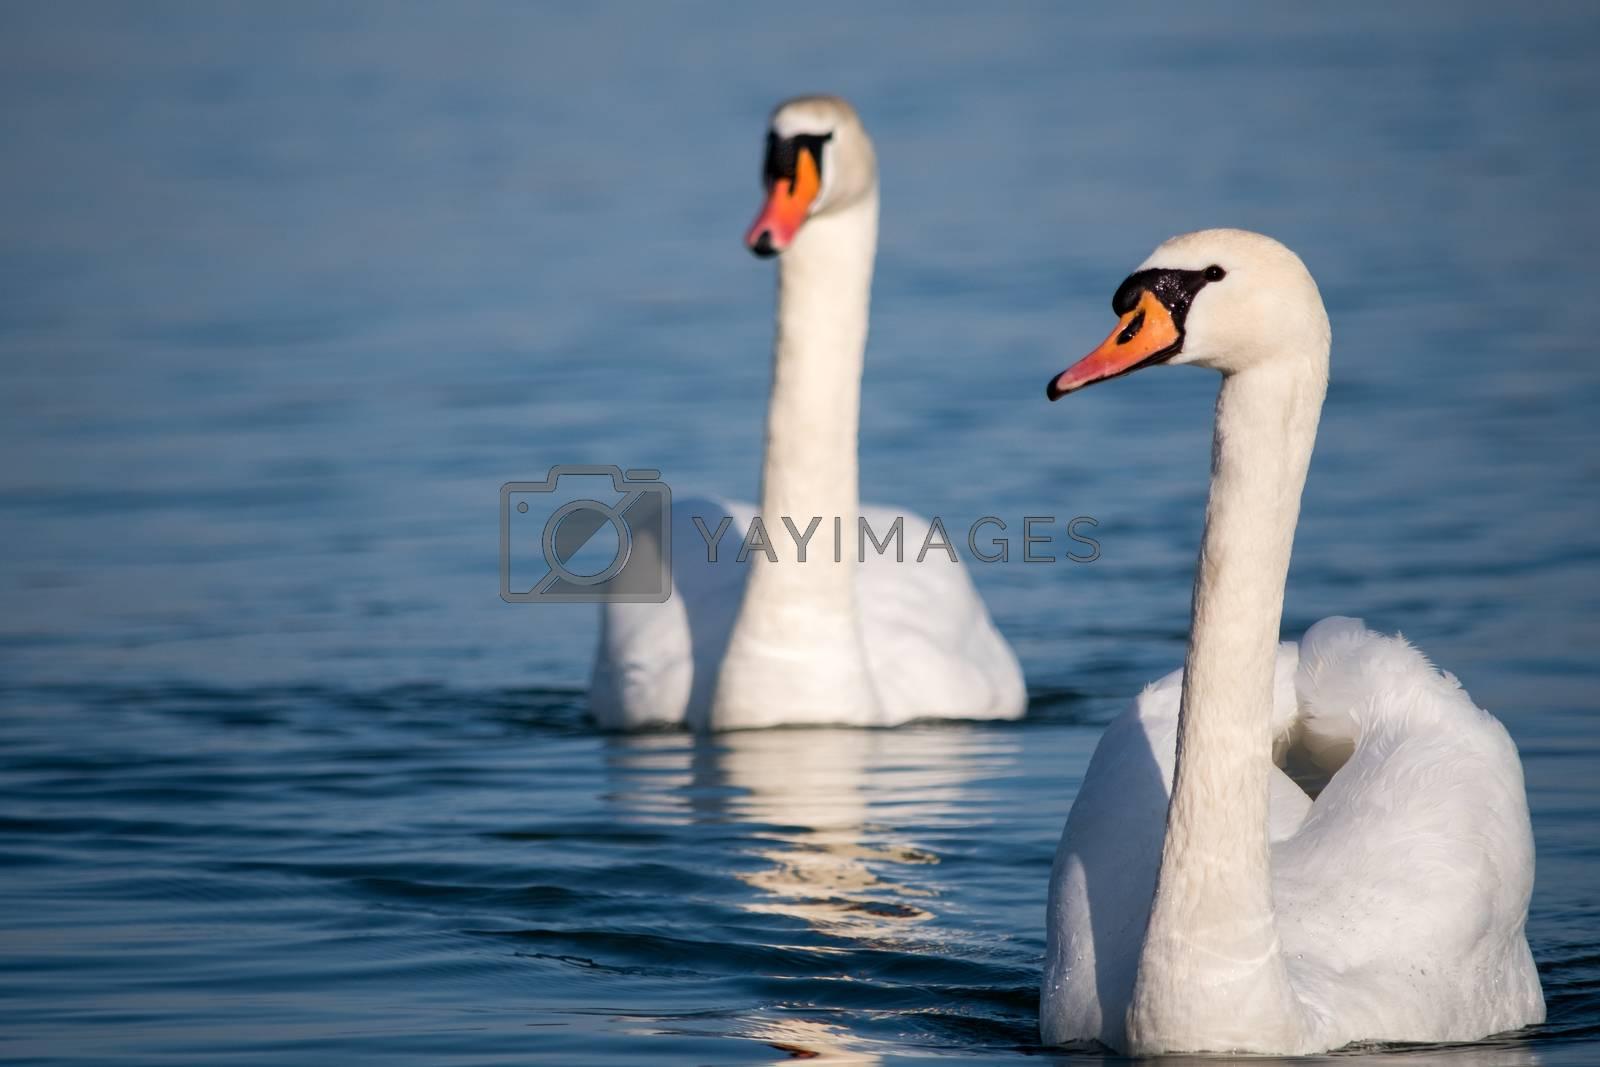 White swans swimming in the Danube river in Serbia by stargazer84